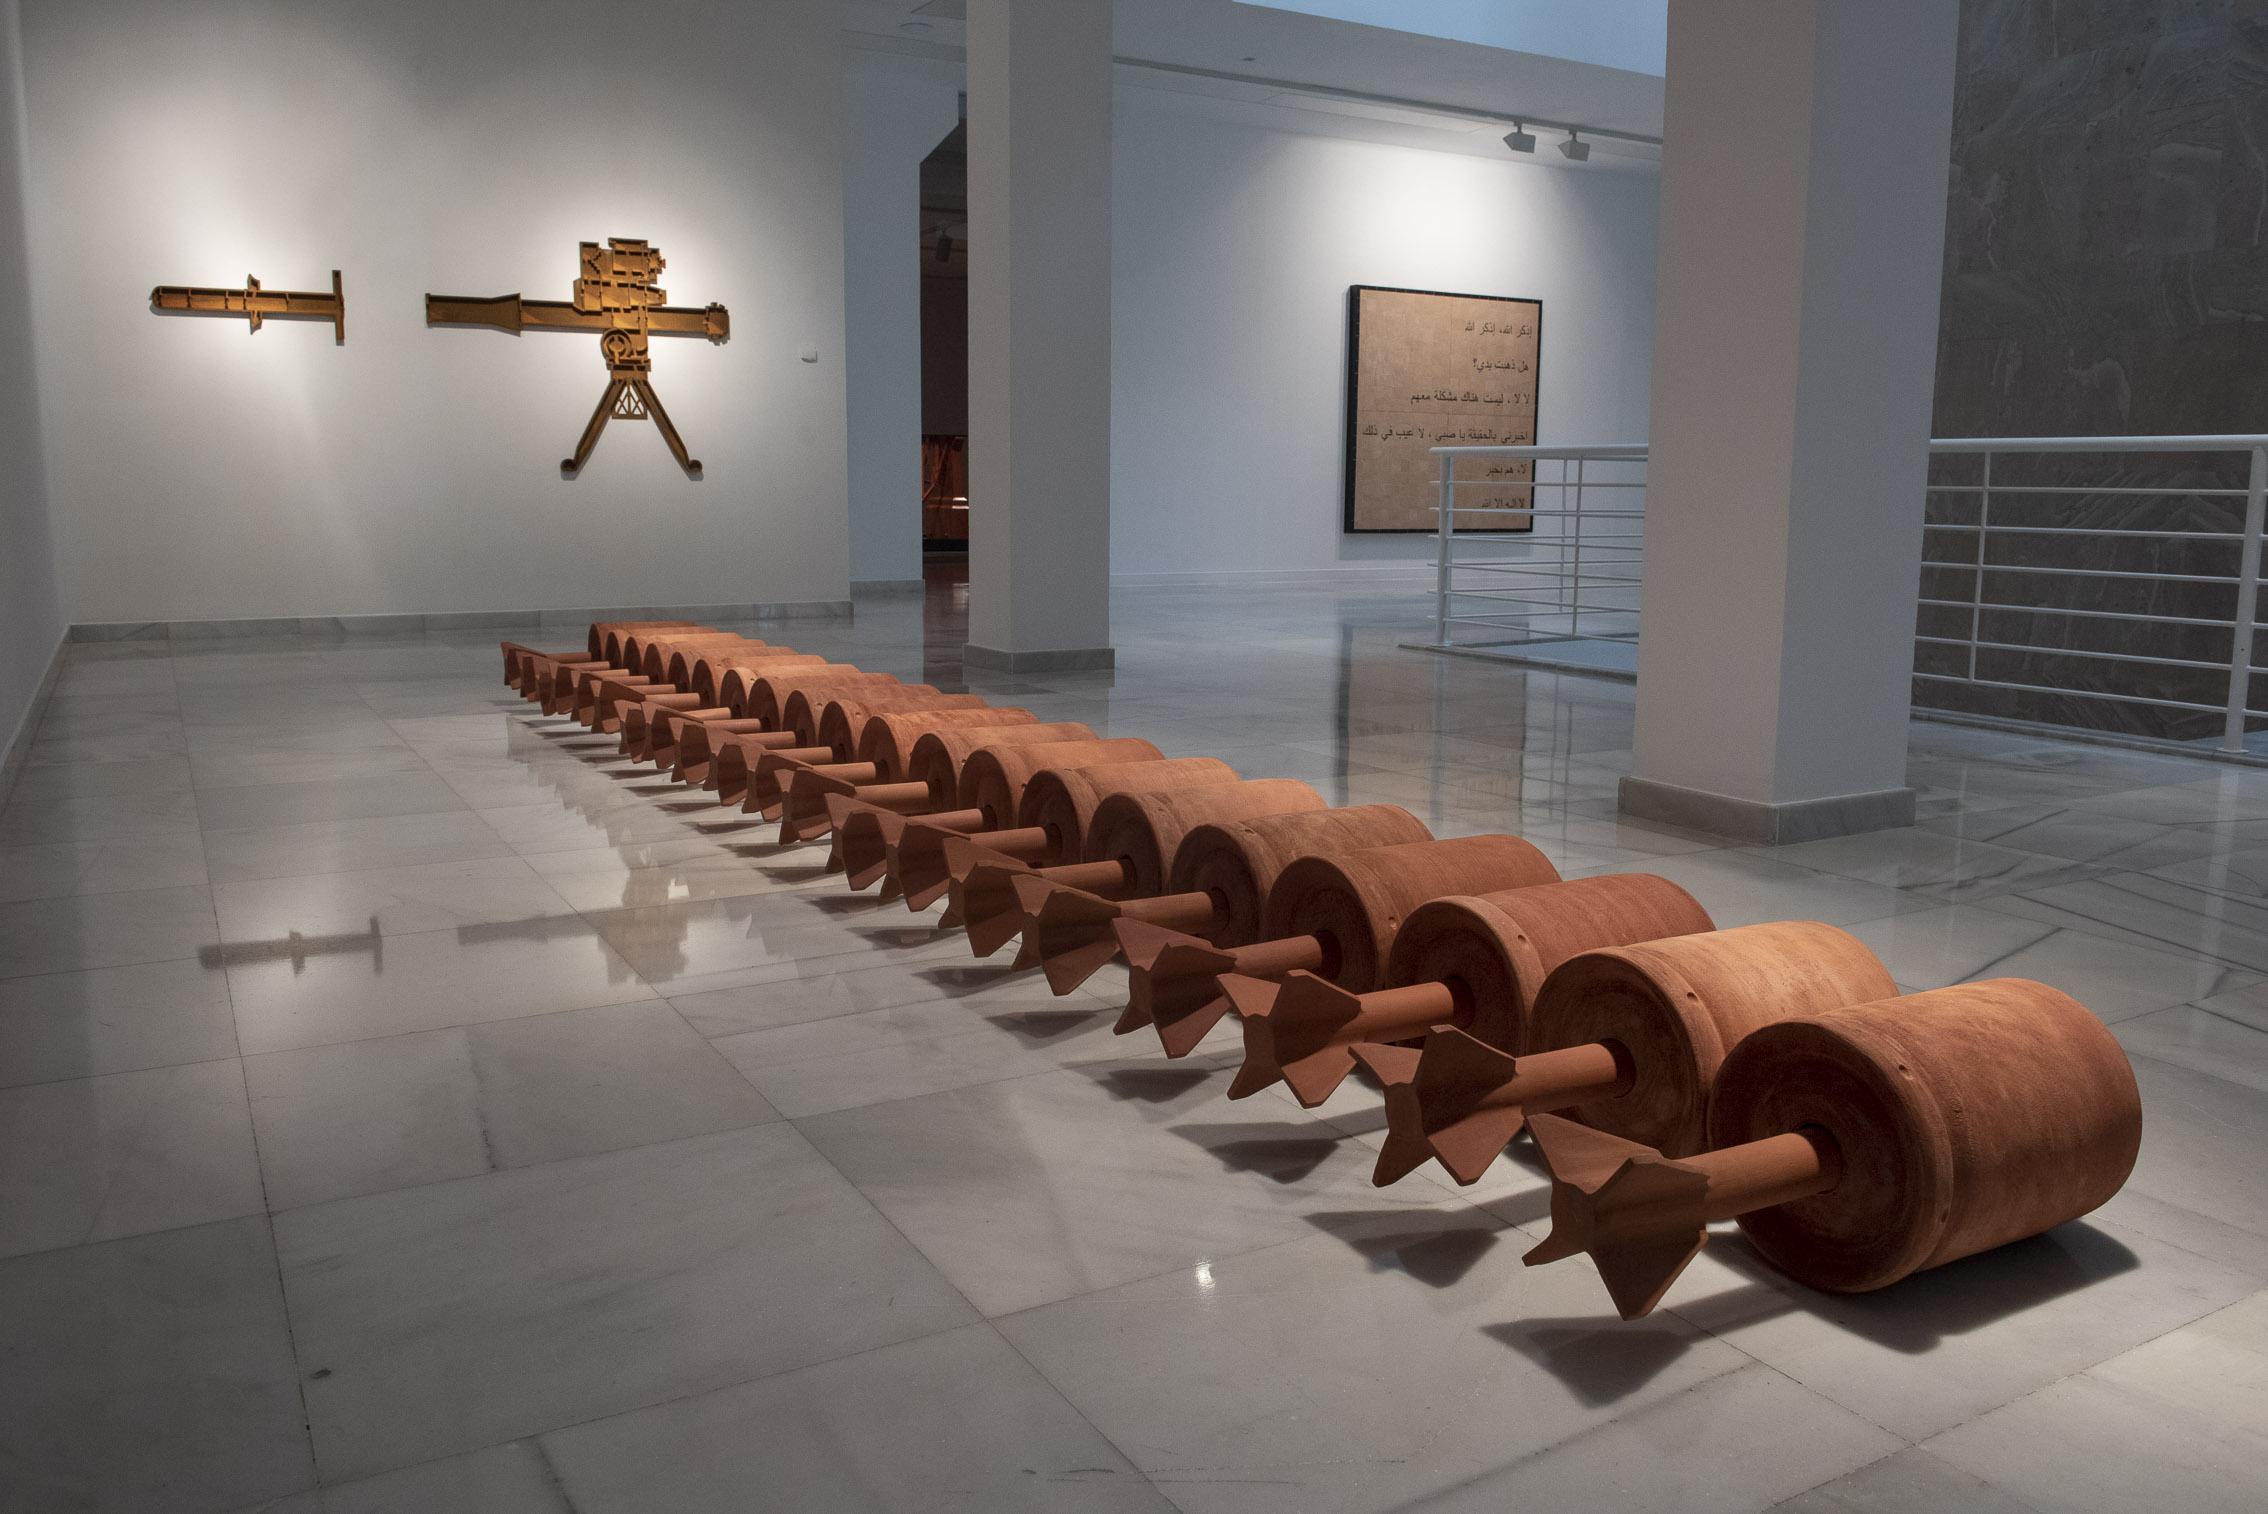 El Centro Atlántico de Arte Moderno CAAM reabre con dos muestras internacionales